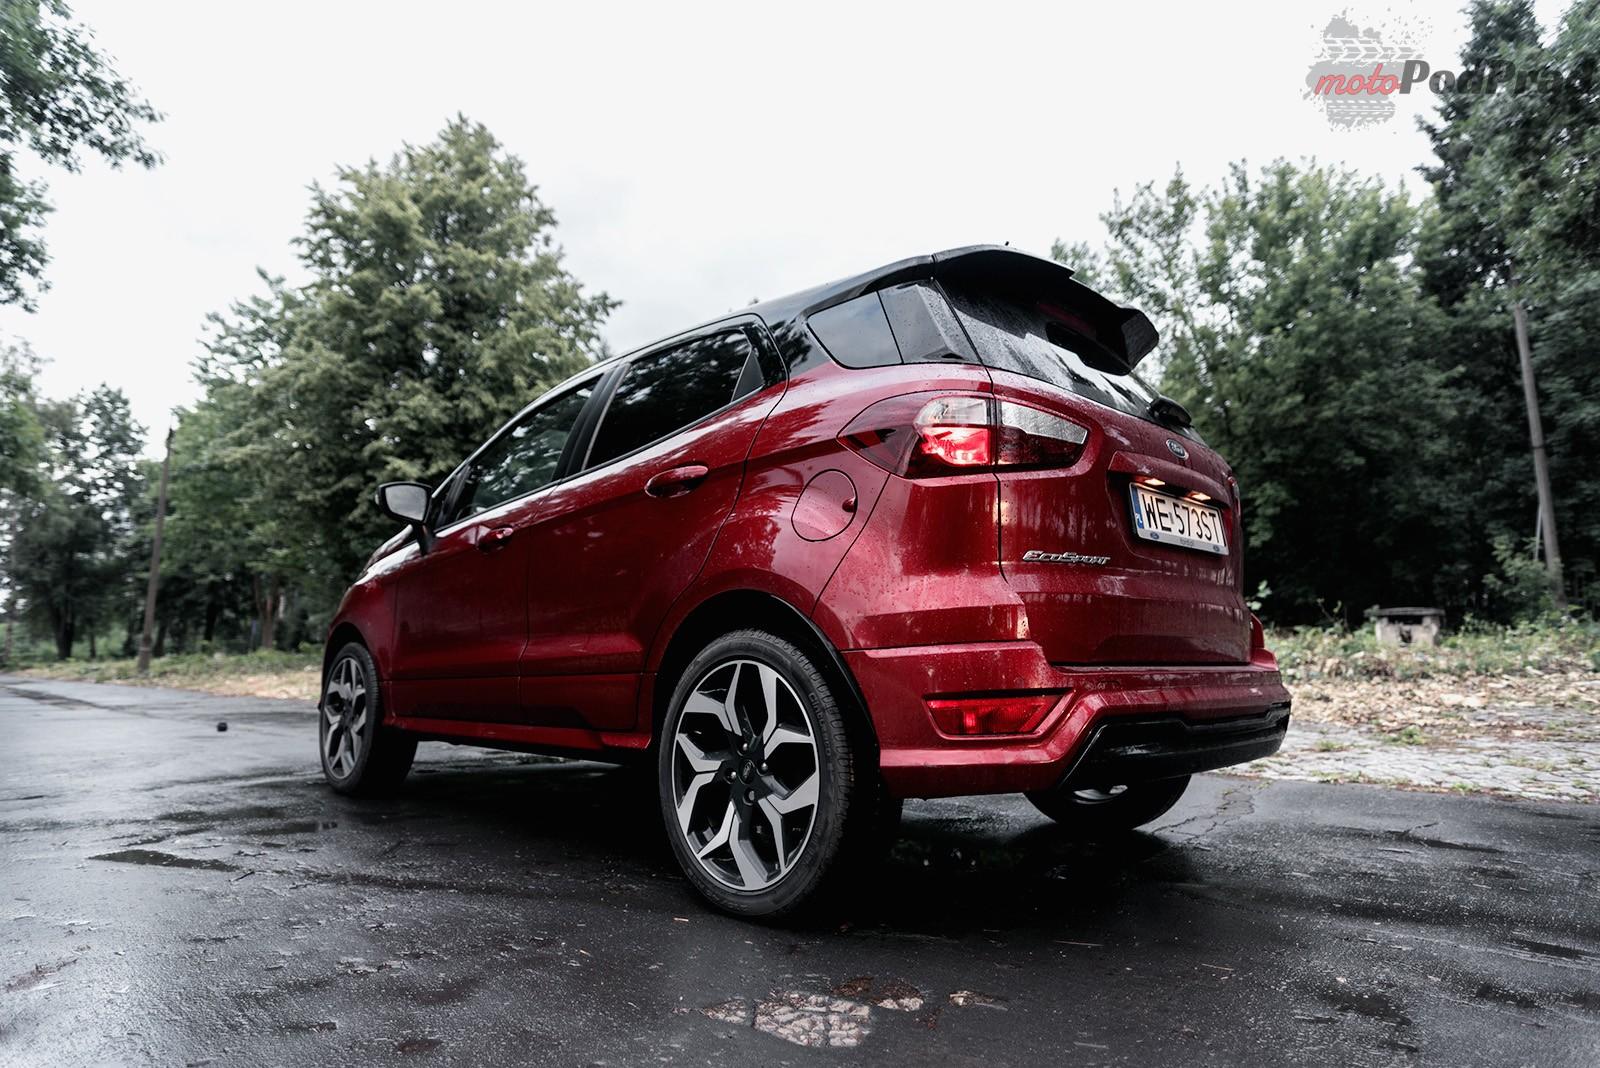 Ford Ecosport 11 Test: Ford Ecosport 1.0 140 KM St line   bardziej eco czy sport?